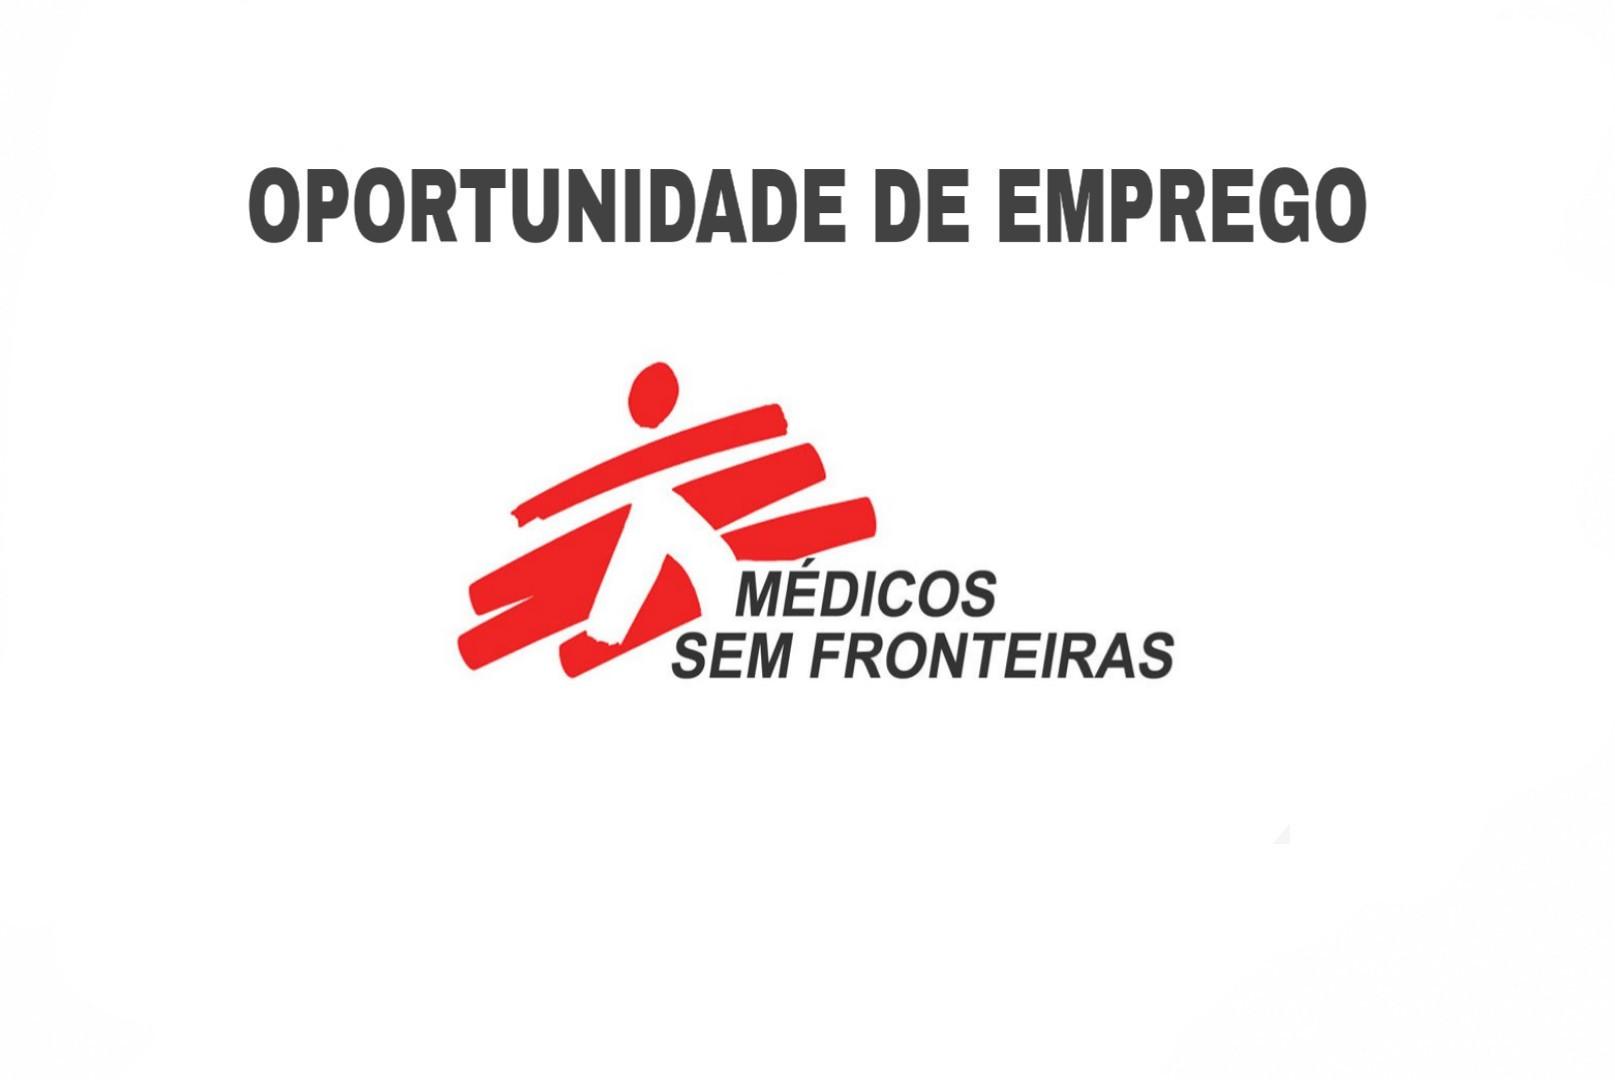 Médicos Sem Fronteiras é uma organização humanitária que foi criada em 1971.